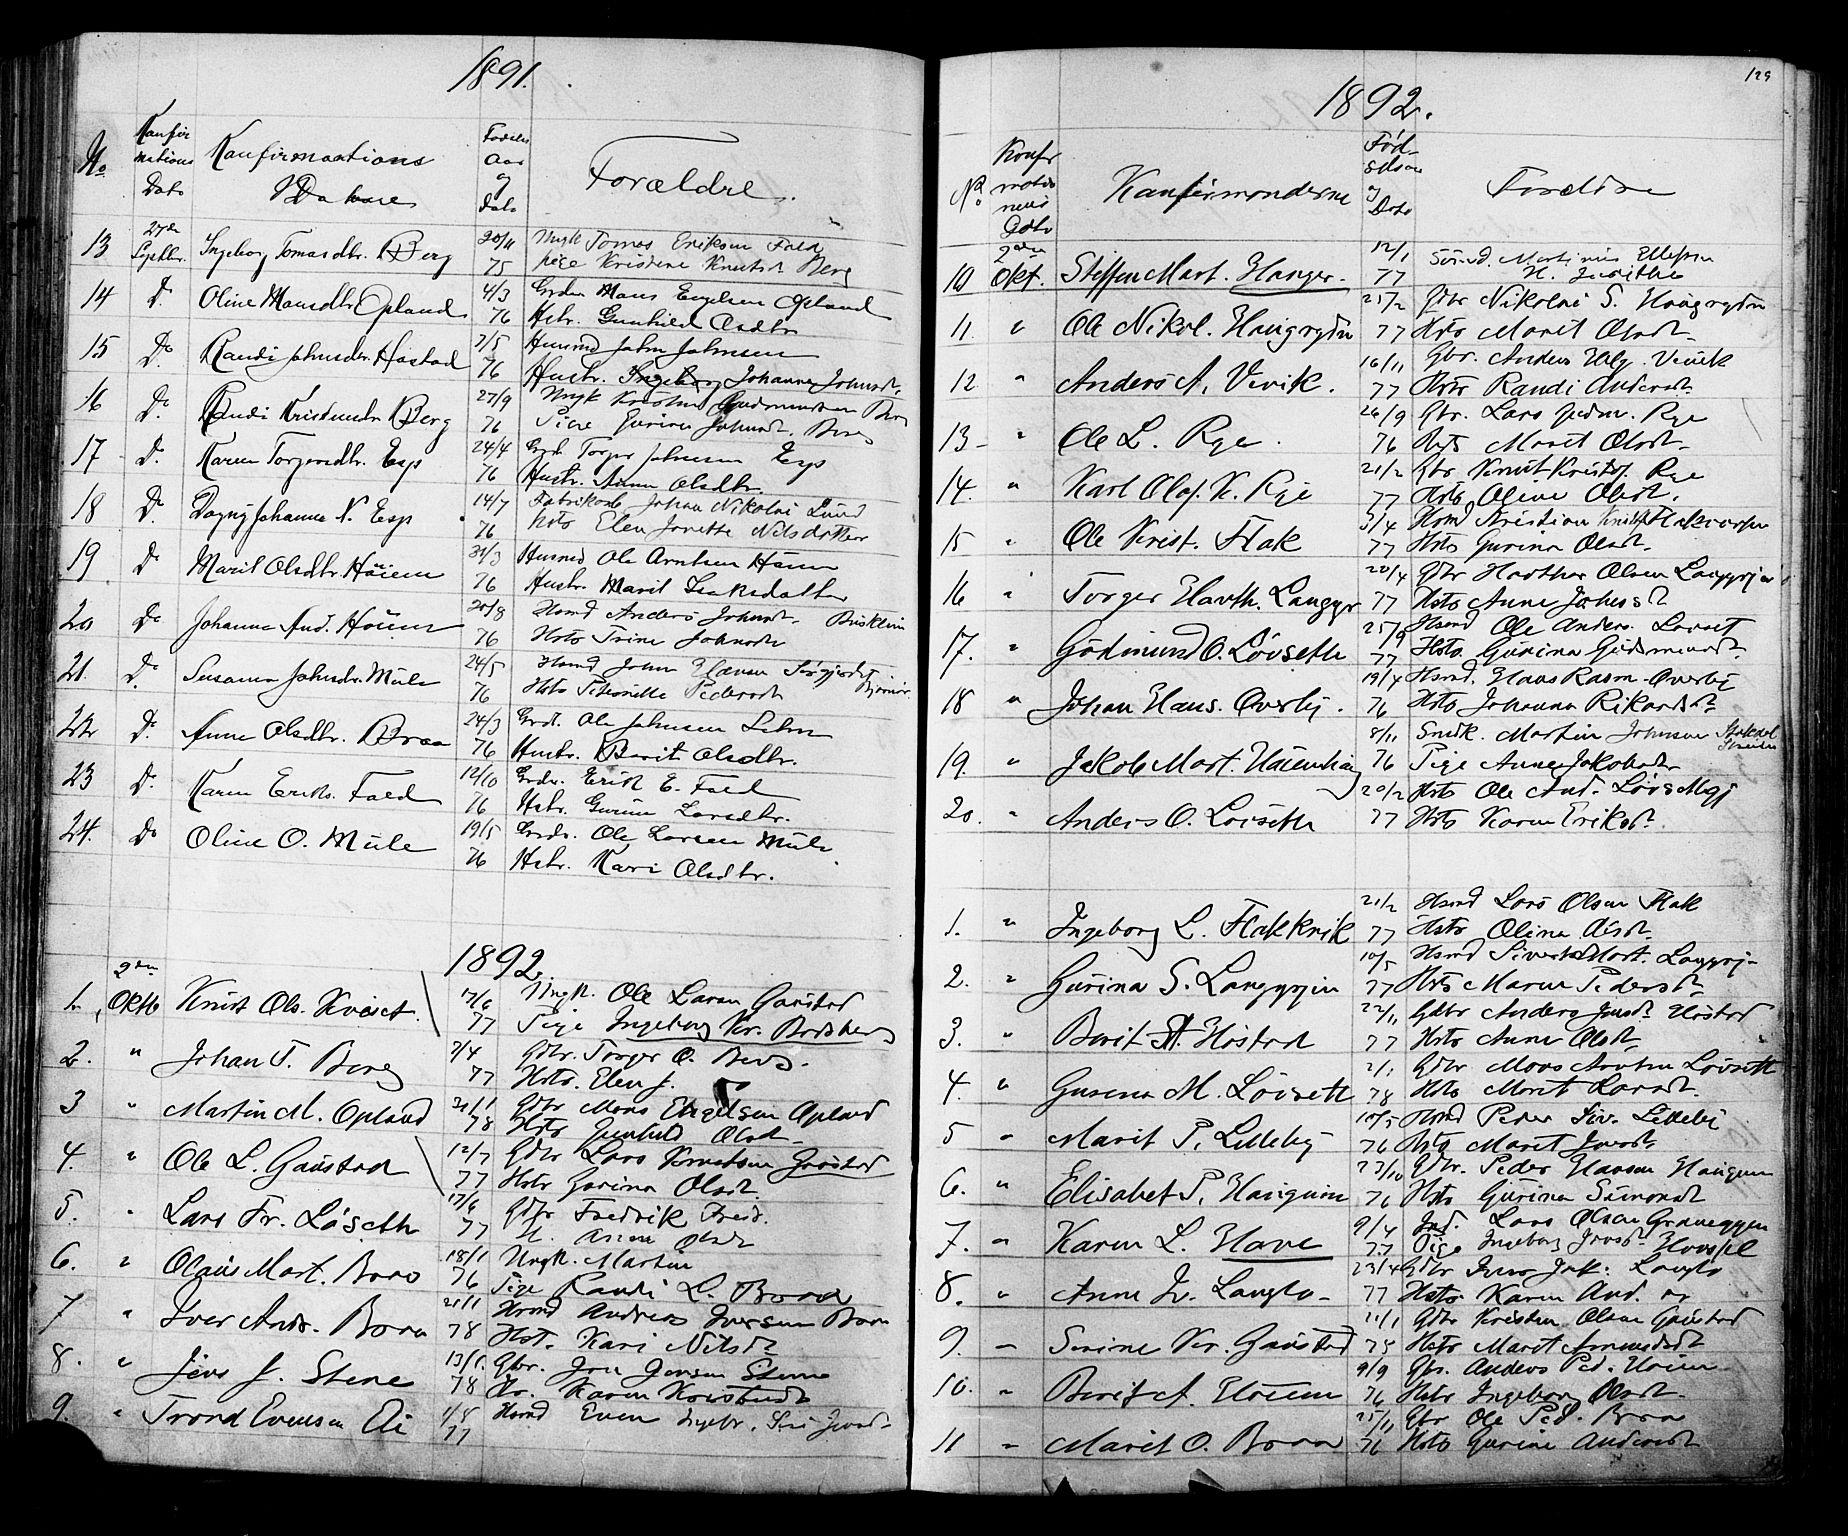 SAT, Ministerialprotokoller, klokkerbøker og fødselsregistre - Sør-Trøndelag, 612/L0387: Klokkerbok nr. 612C03, 1874-1908, s. 129